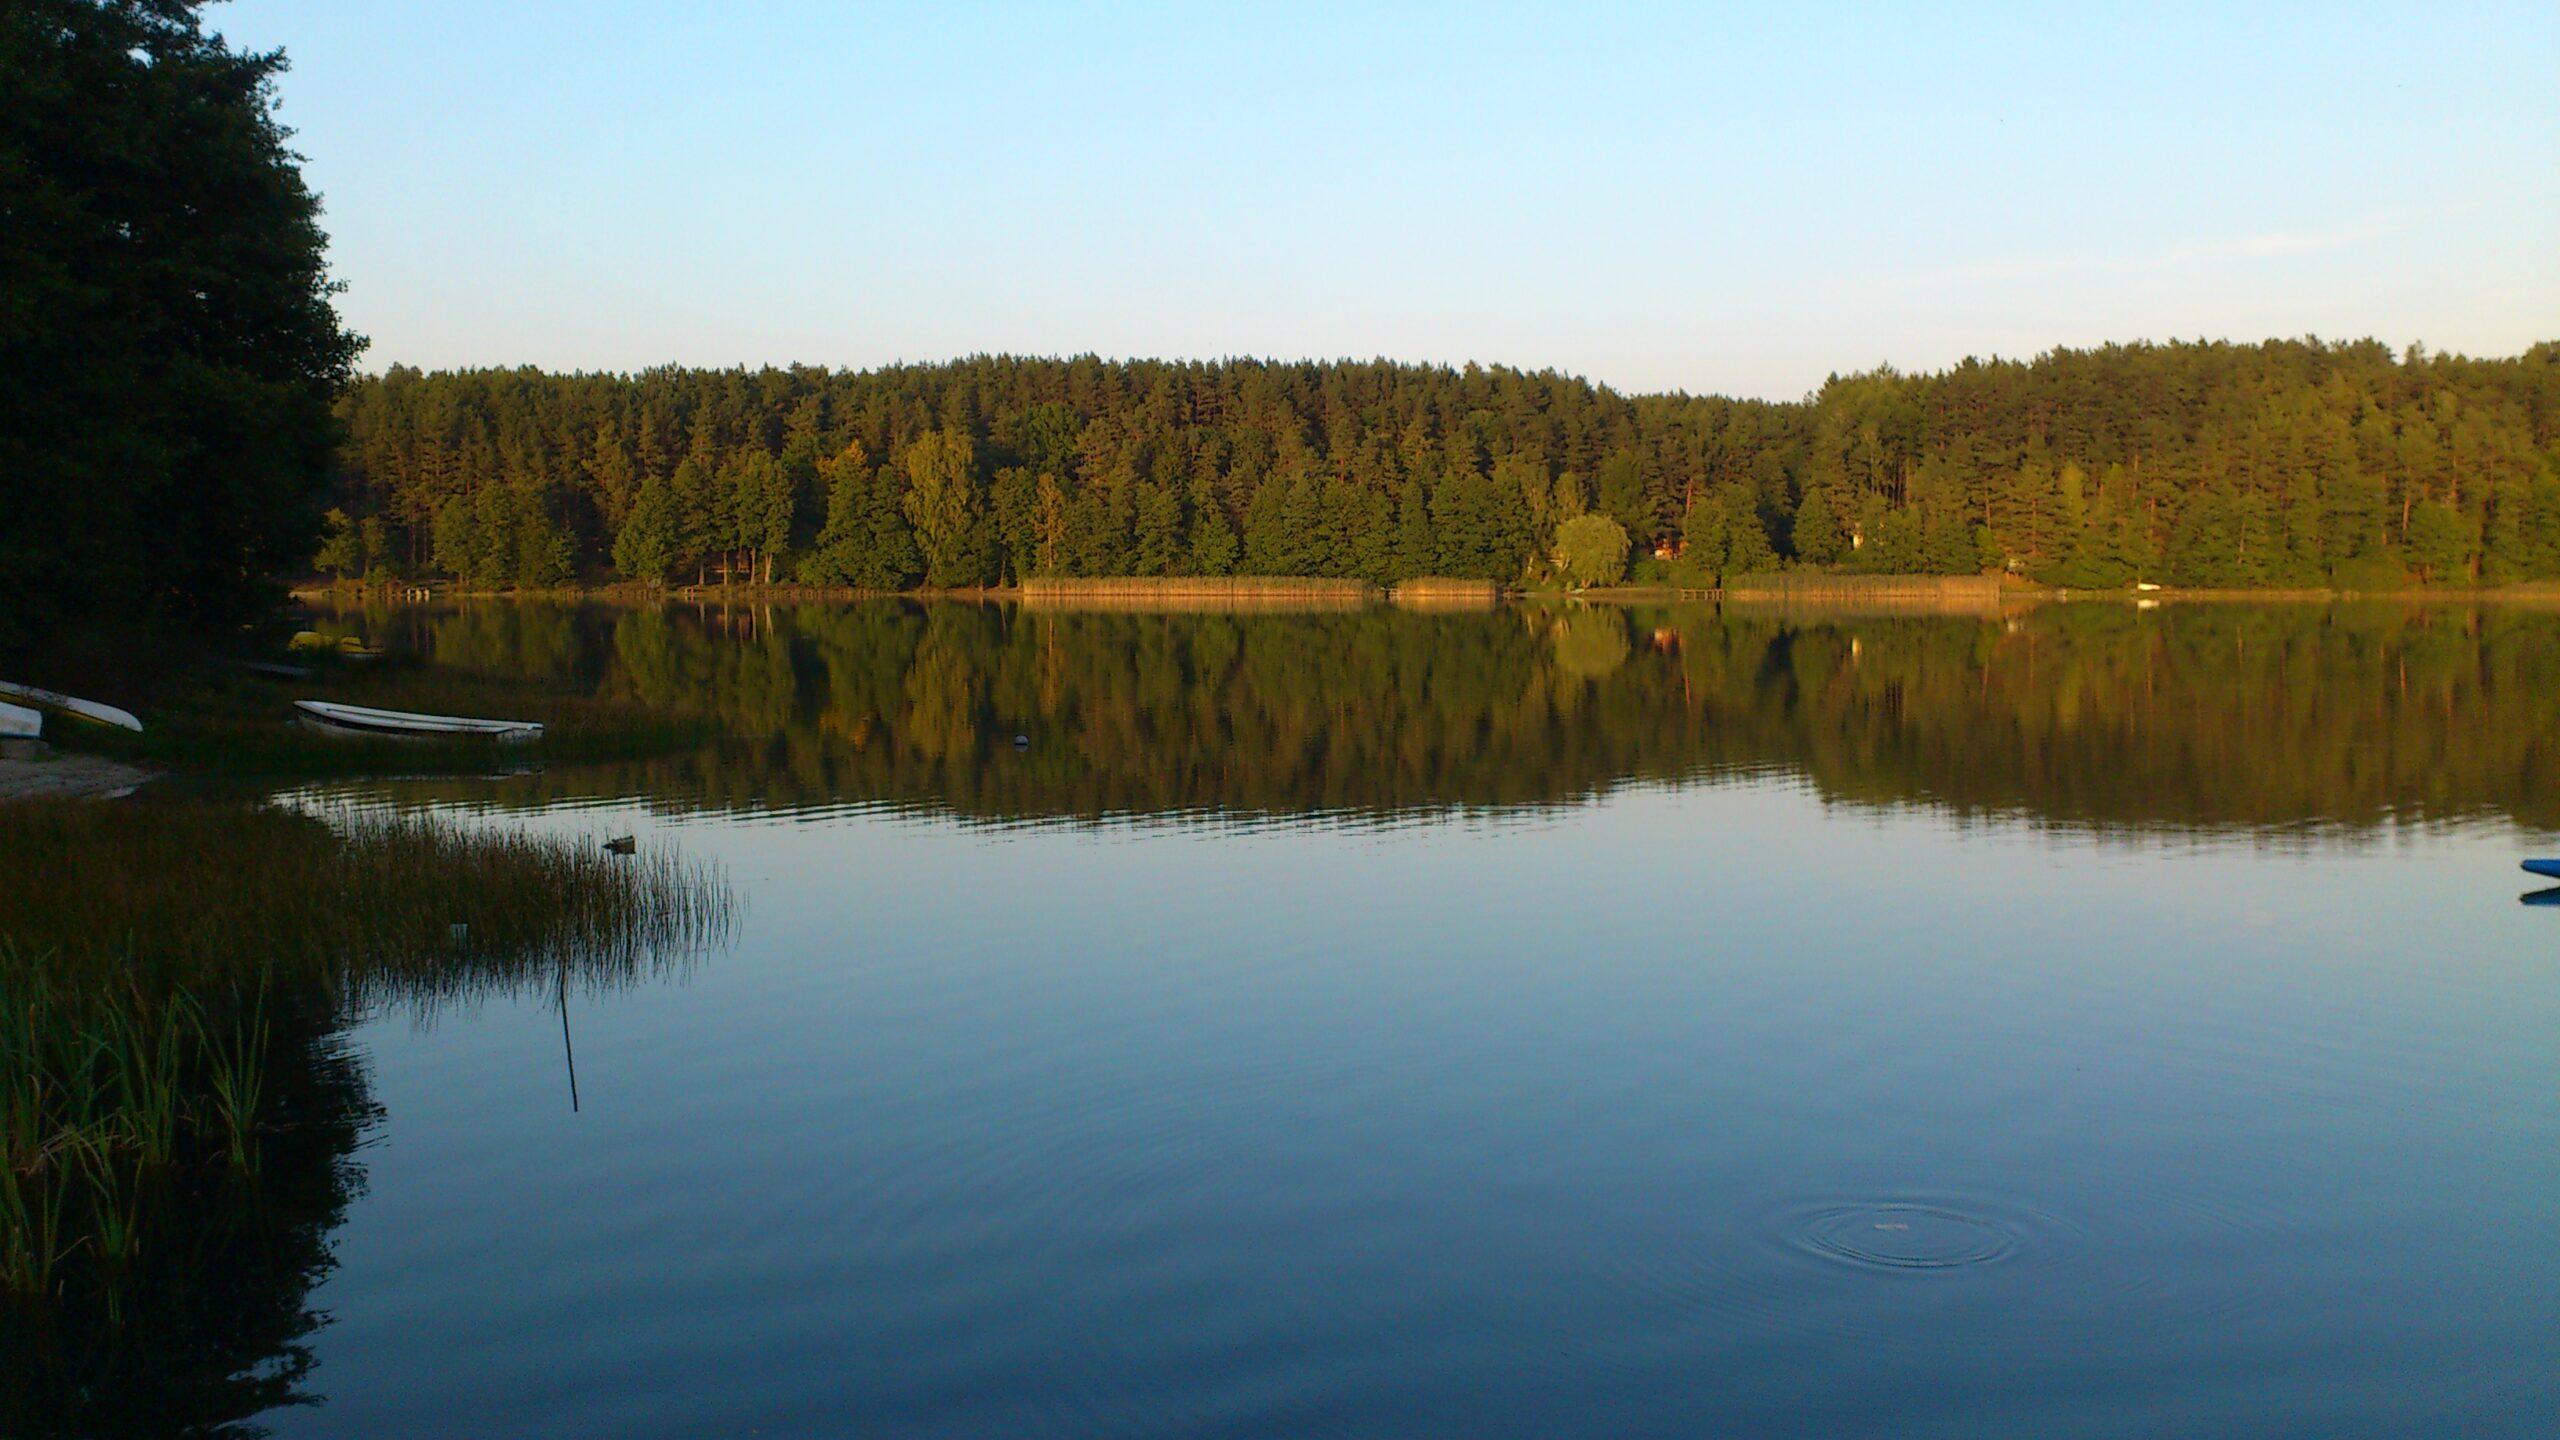 Weryfikacja obszarów chronionego krajobrazu w województwie pomorskim